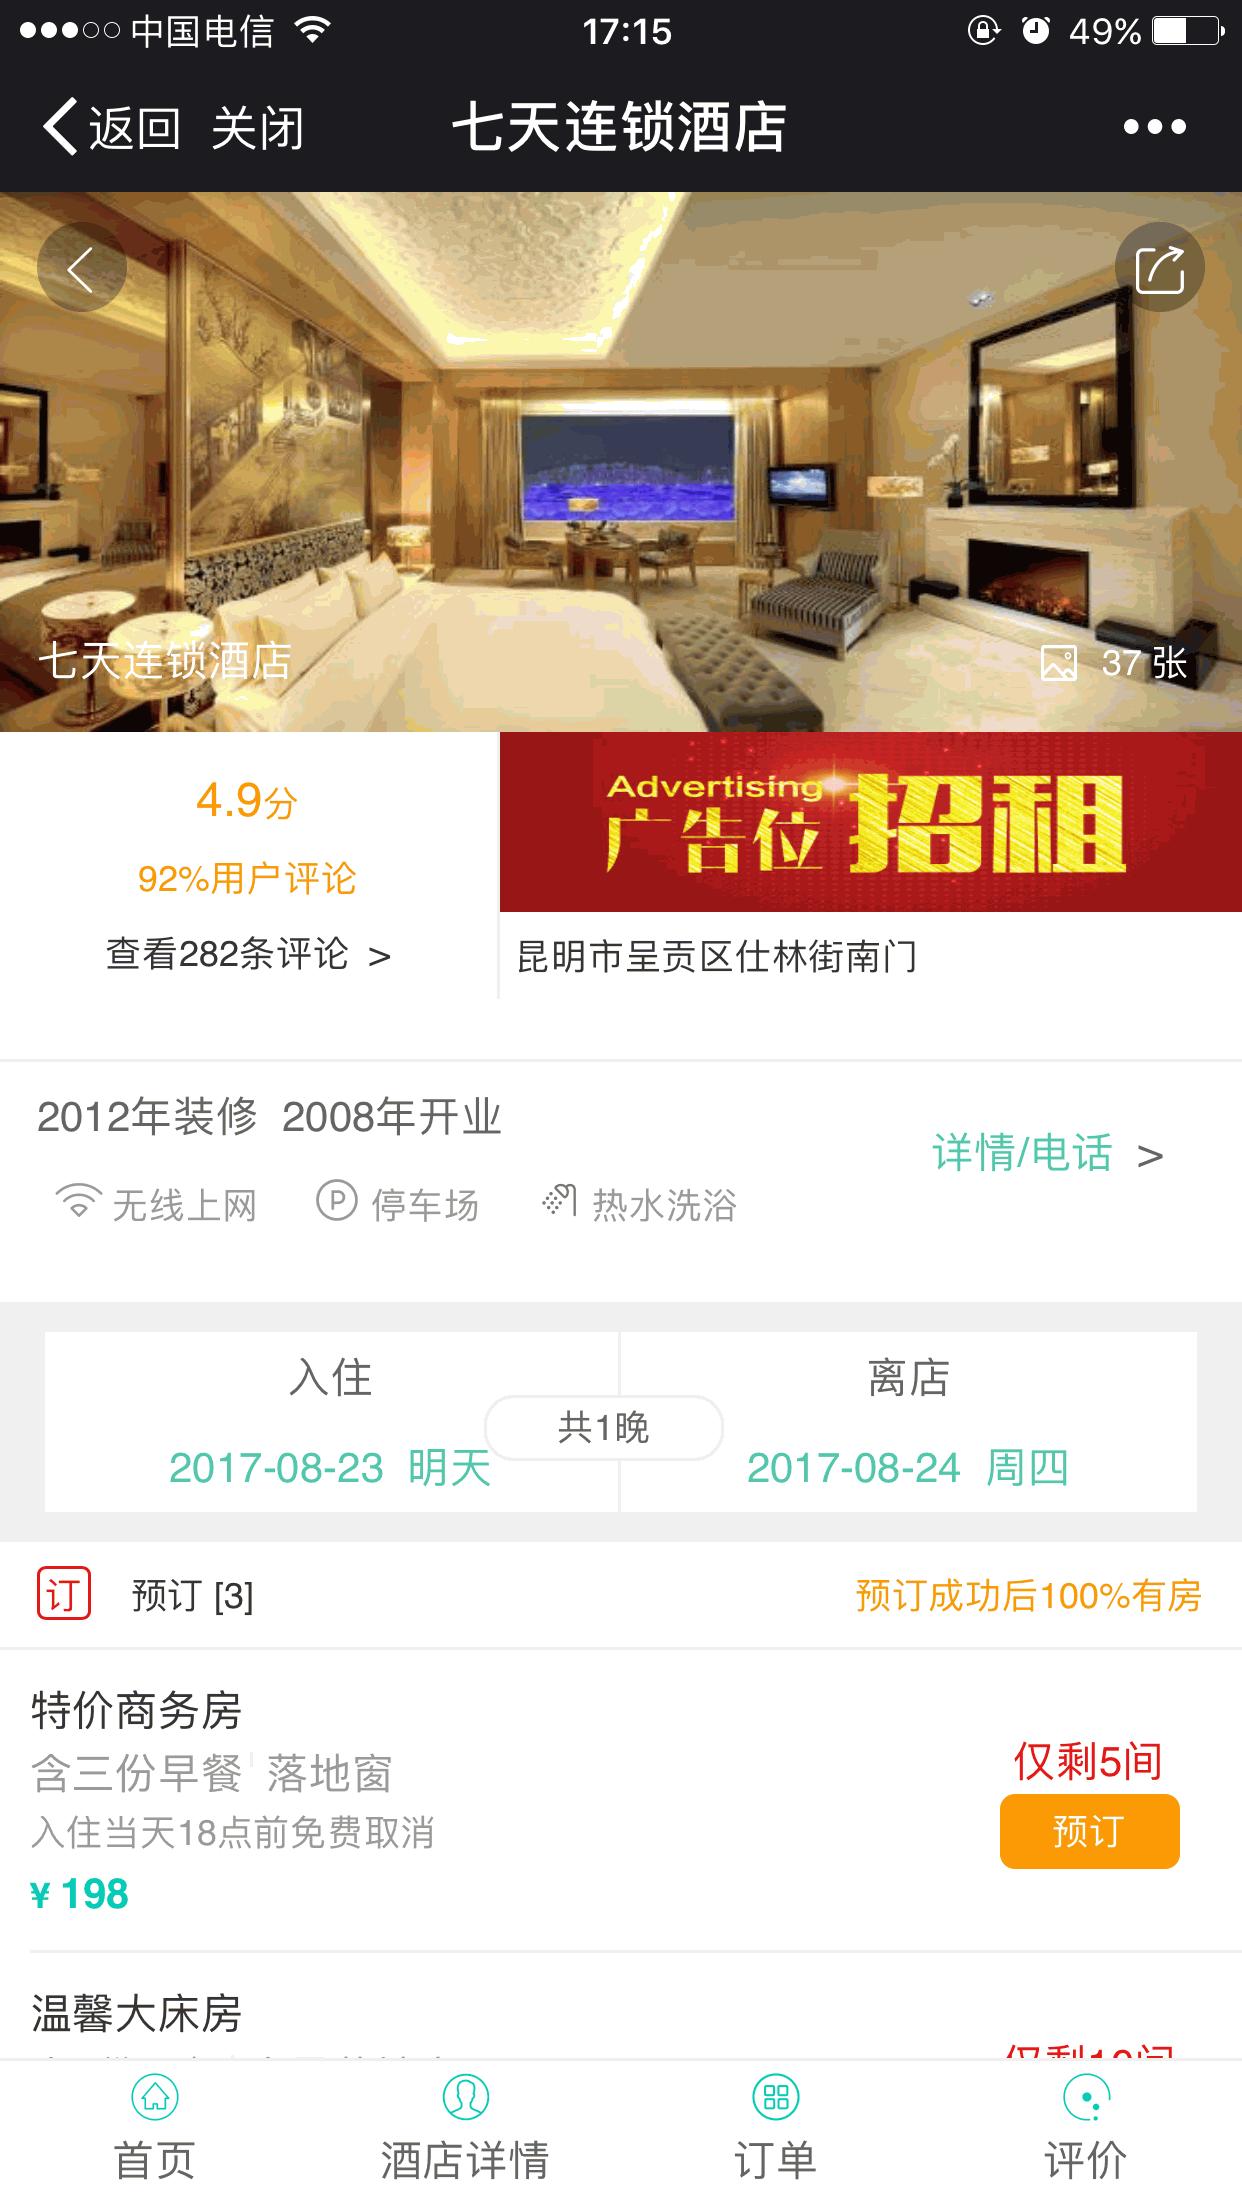 微酒店单店版 1.1.6 微擎微赞通用 高仿美团酒店购买流程和界面 后台酒店基础信息全自定义等